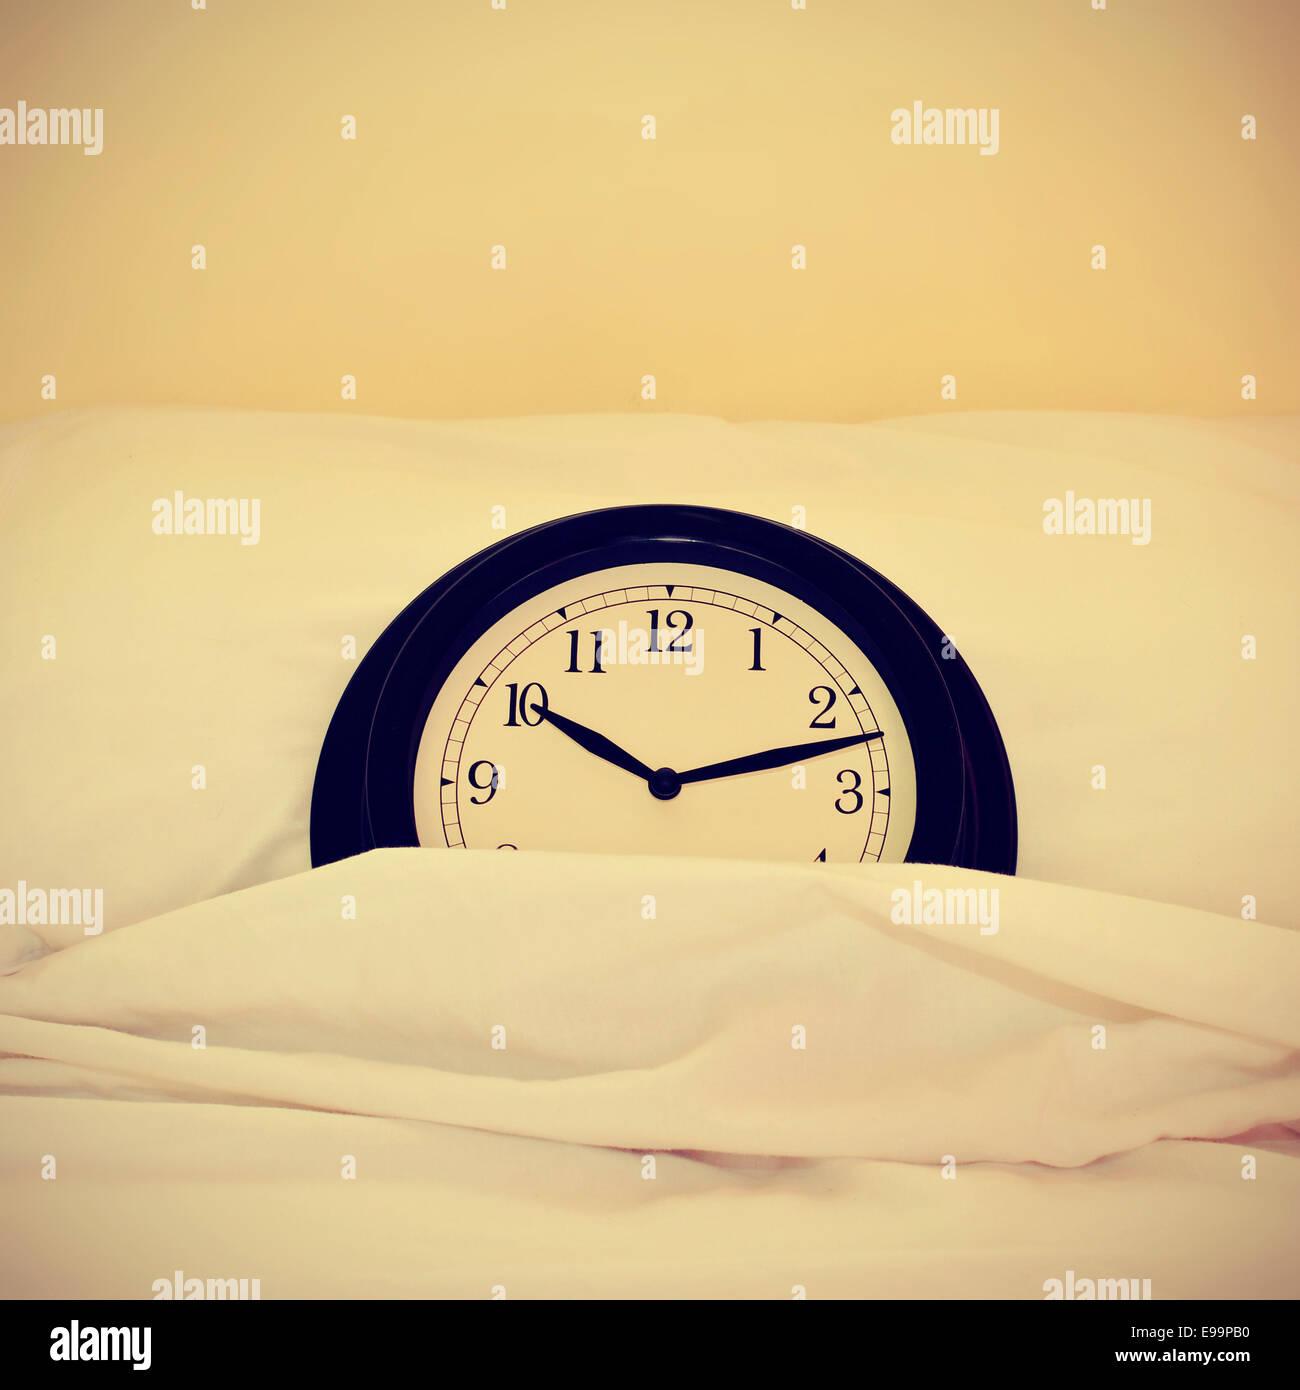 Photo d'une horloge à l'intérieur d'un lit, avec un effet rétro Photo Stock